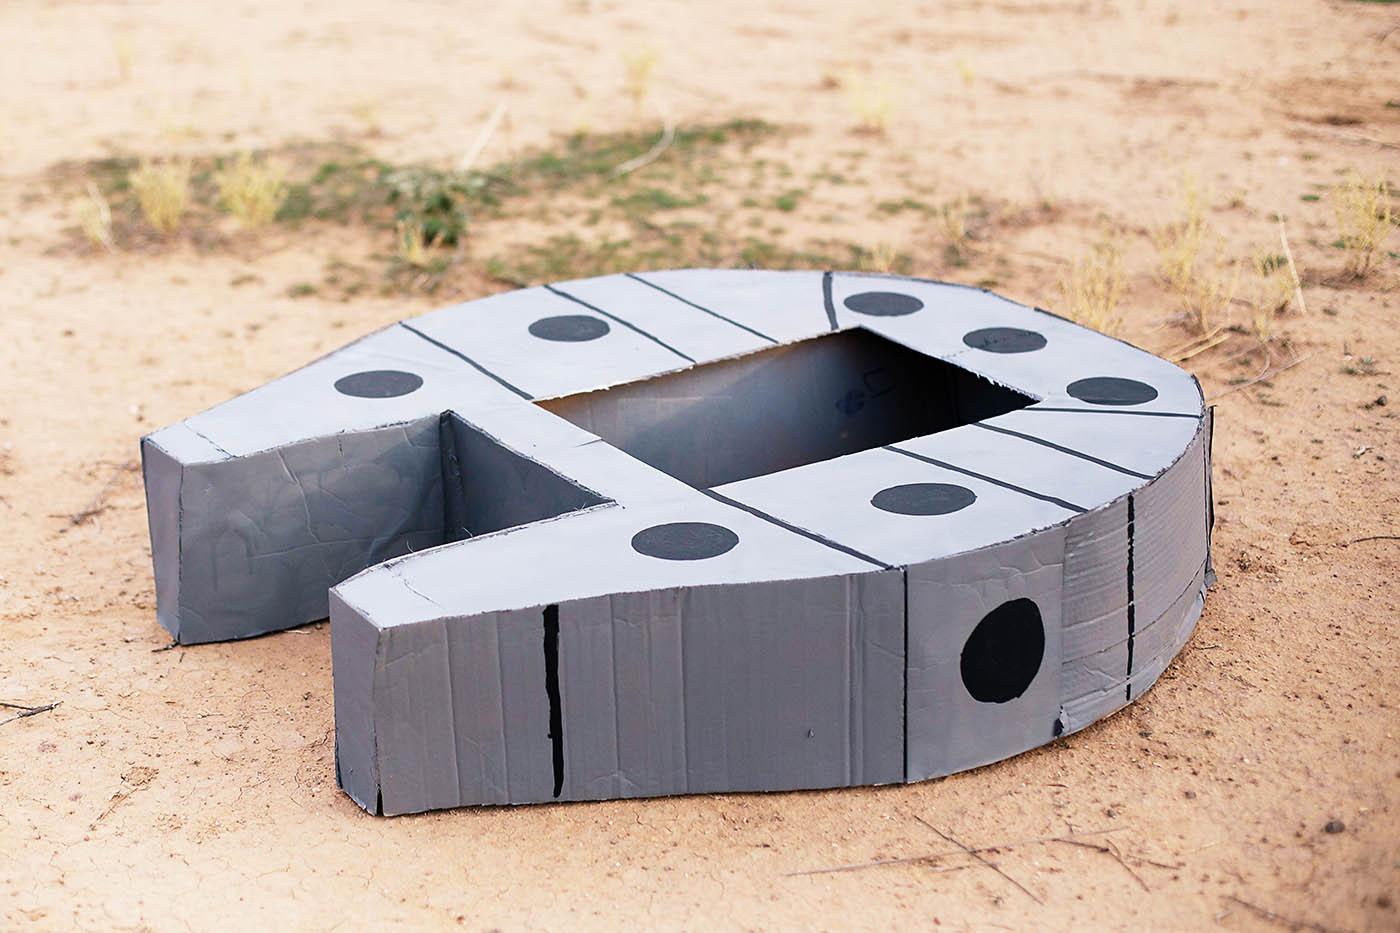 DIY cardboard Star Wars Millennium Falcon